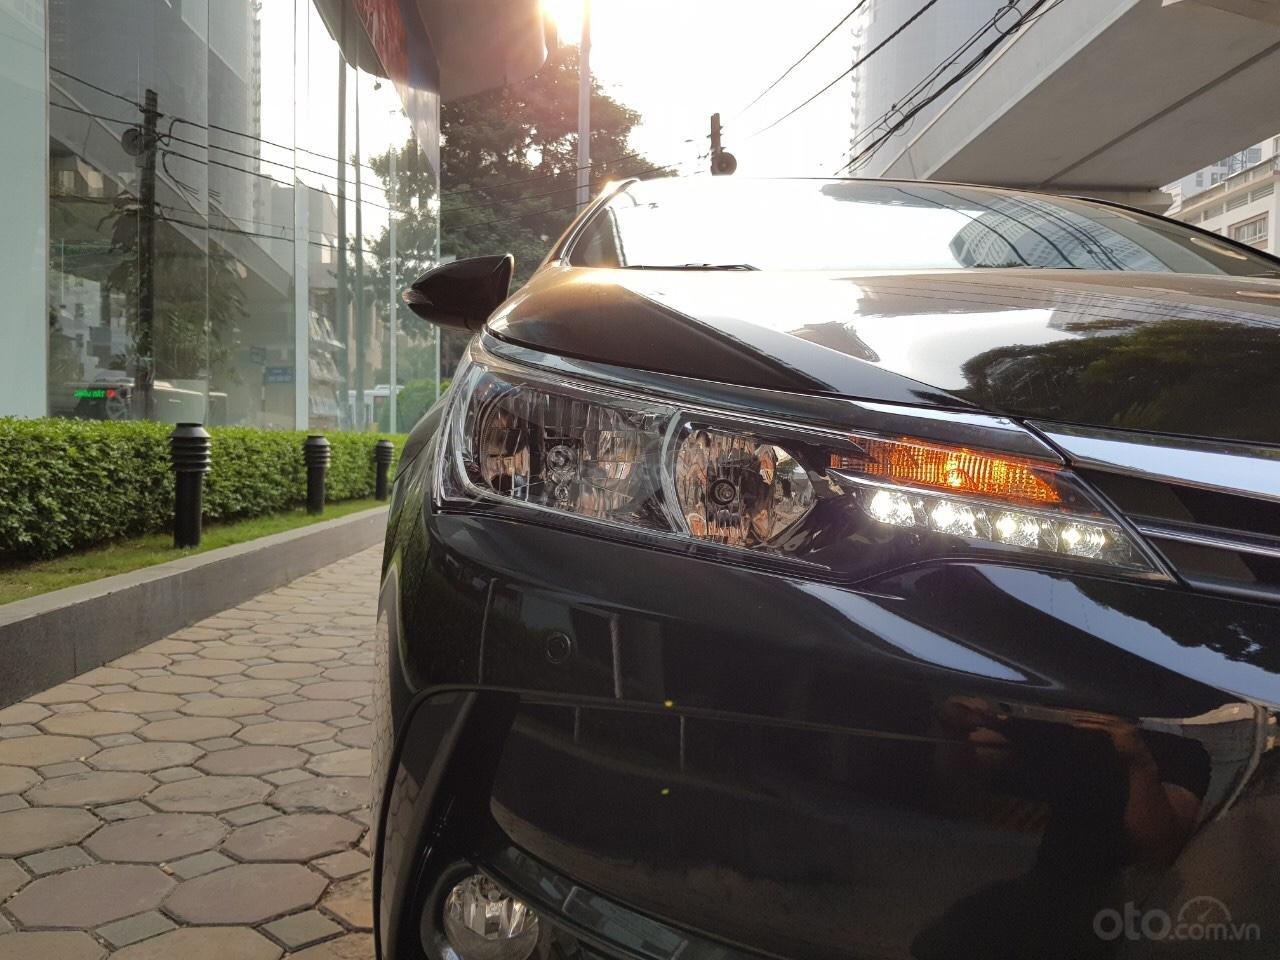 Khuyến mại tốt dành cho Toyota Altis G 2019, hỗ trợ trả góp lên đến 90% giá trị xe. Hotline 0971 123 125-8